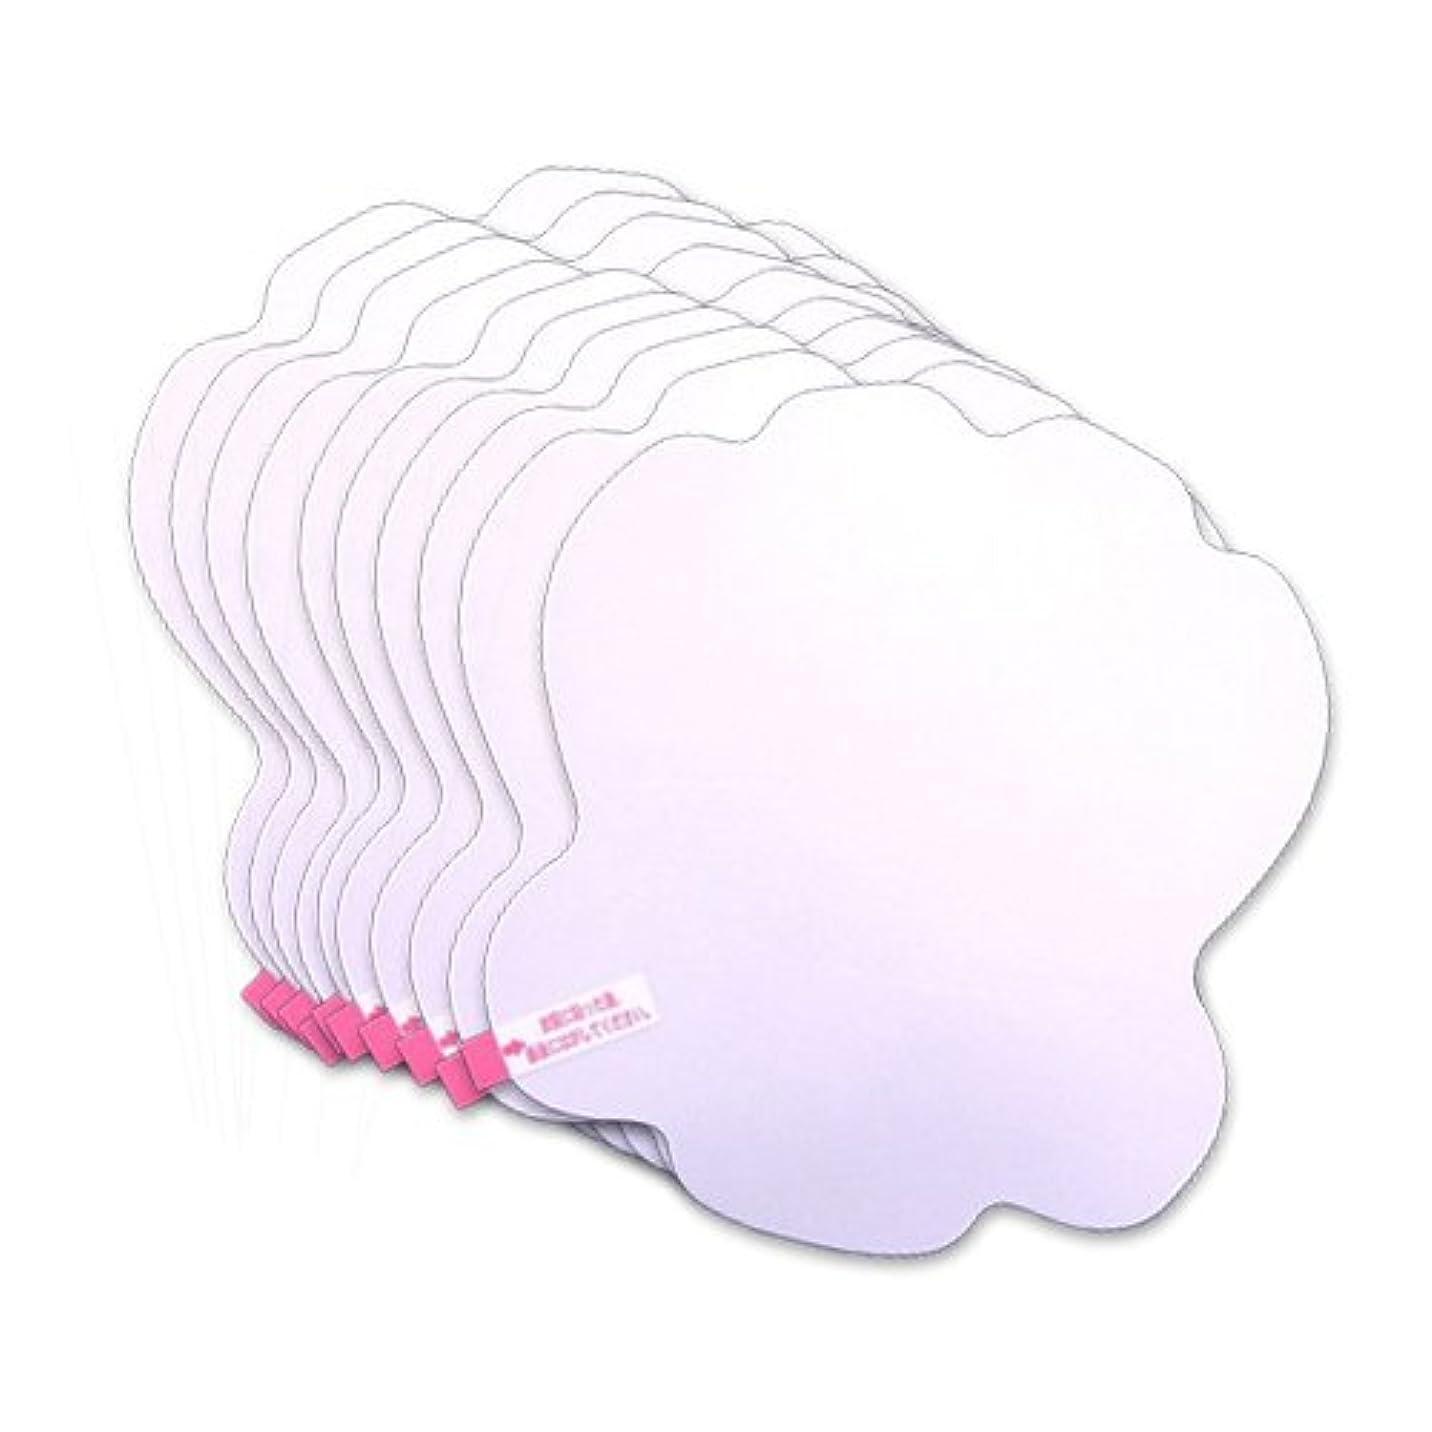 モーション教育者エスカレートデオクロス ワキ専用シートワイドタイプ OPP袋 ×20枚 (化粧箱なし/バルク品)